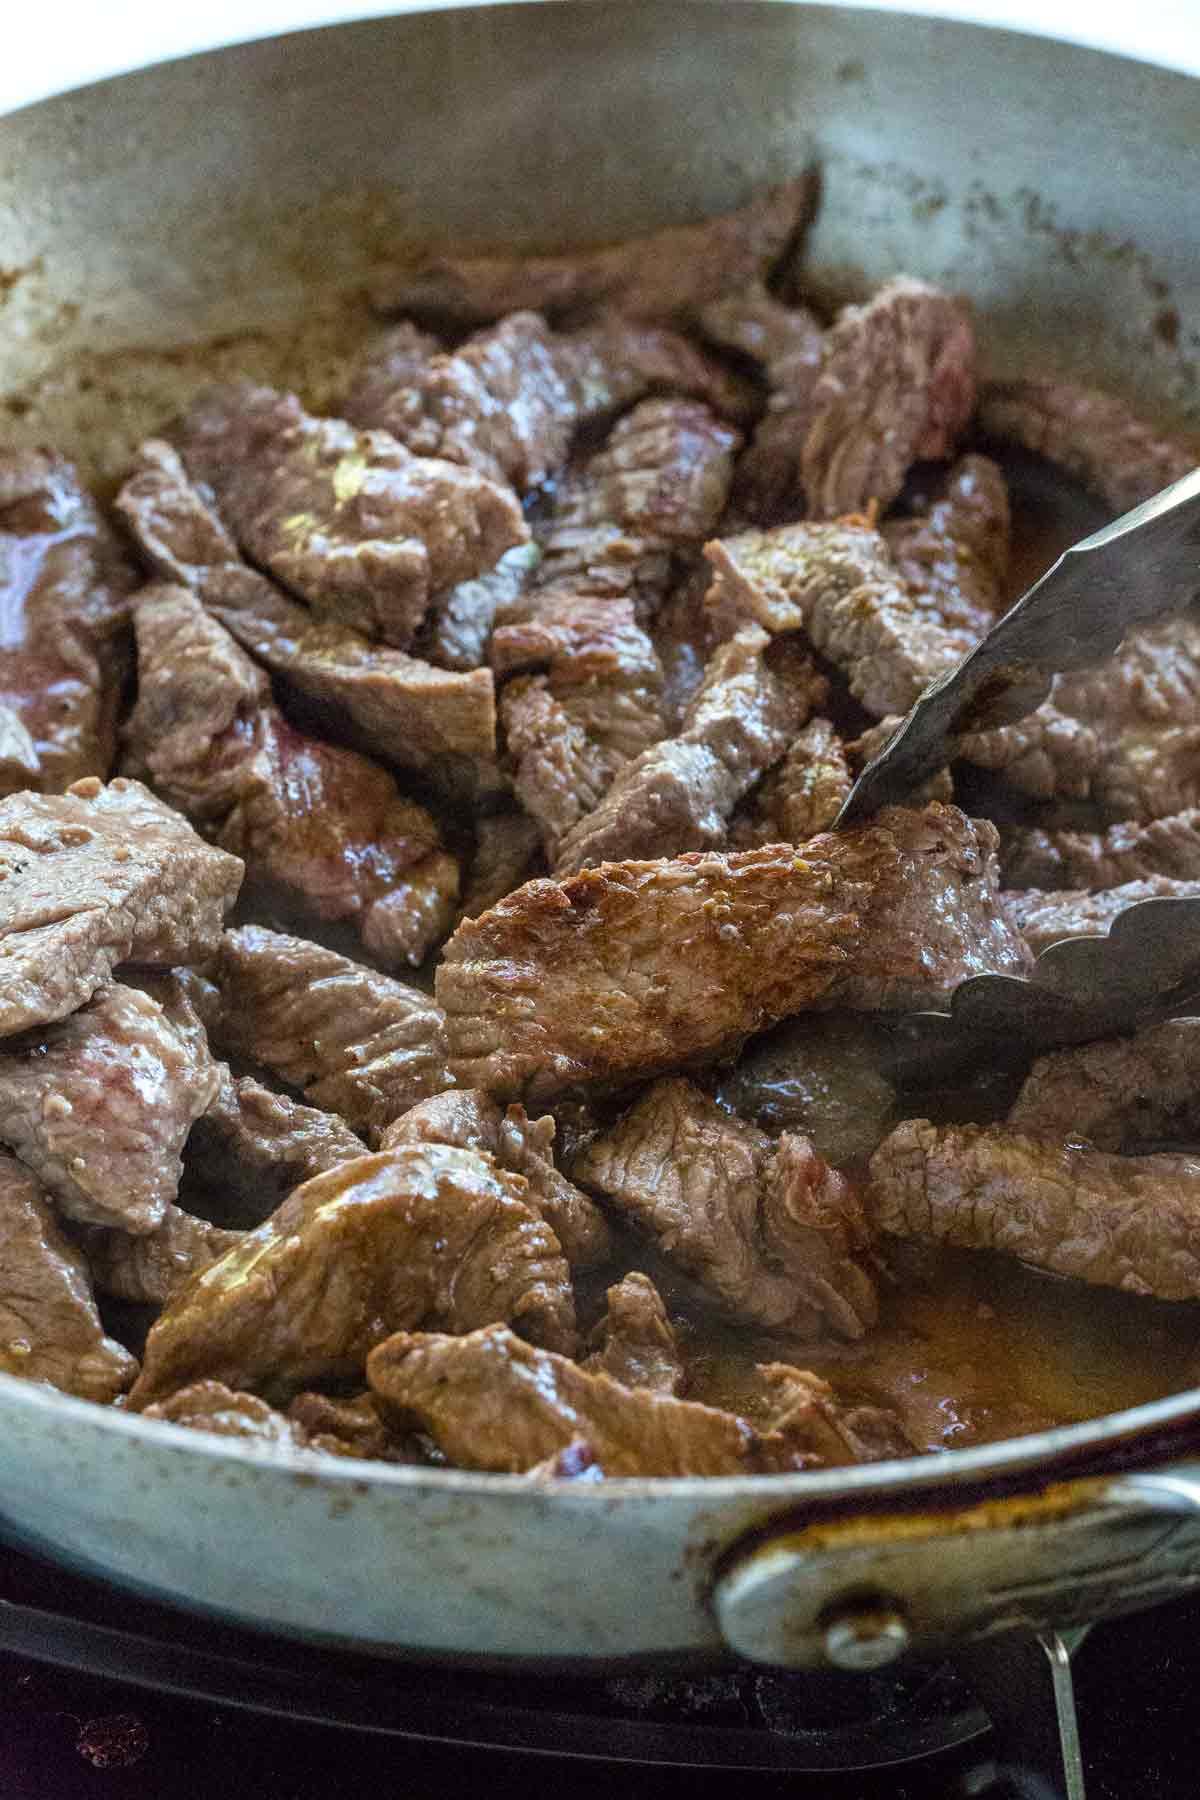 Sautéing sirloin steak in a pan